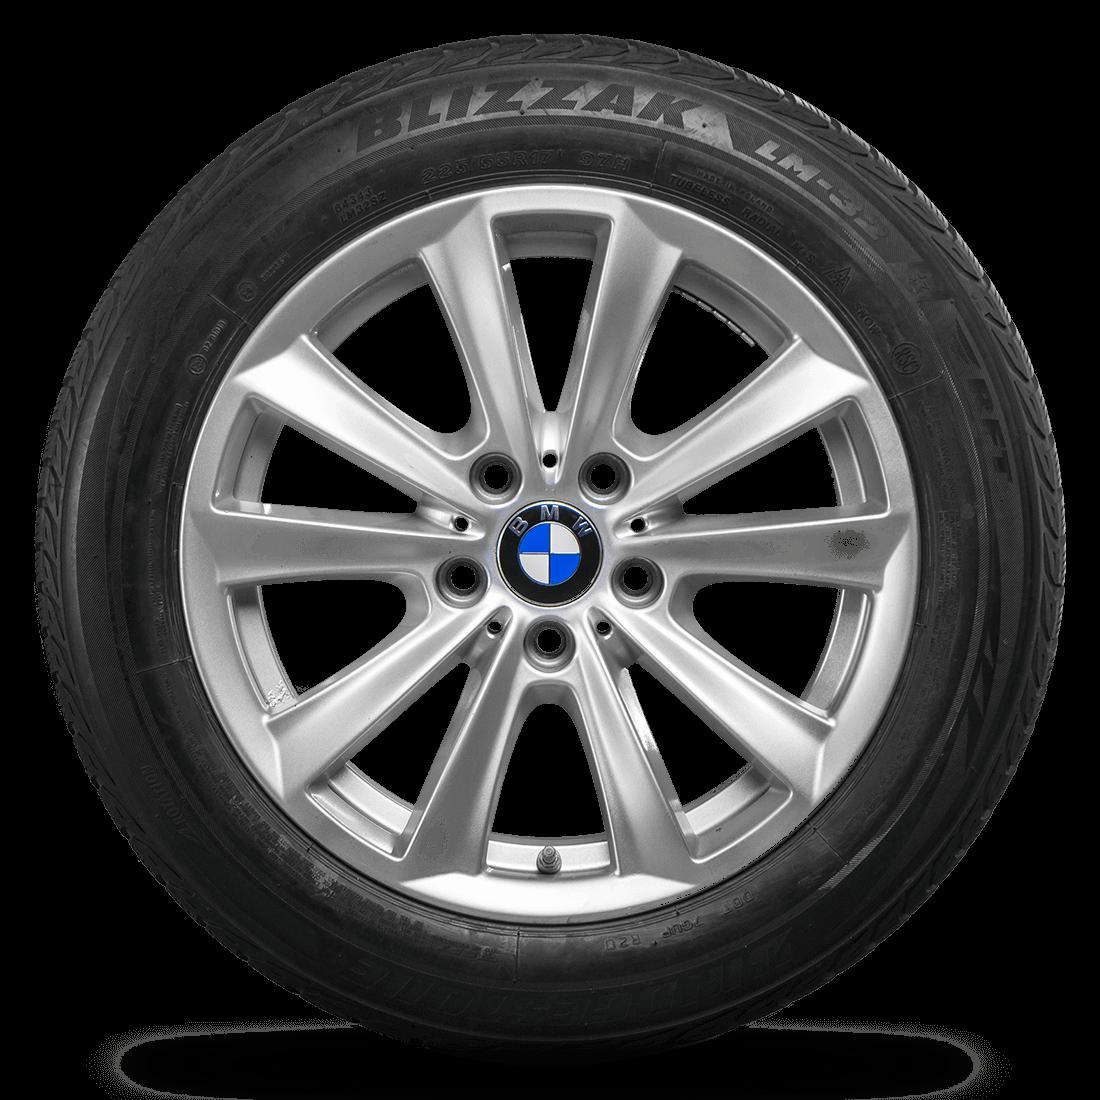 BMW 5er F10 F11 6er F12 F13 17 Zoll Winterräder Winterreifen Felgen Styling 236